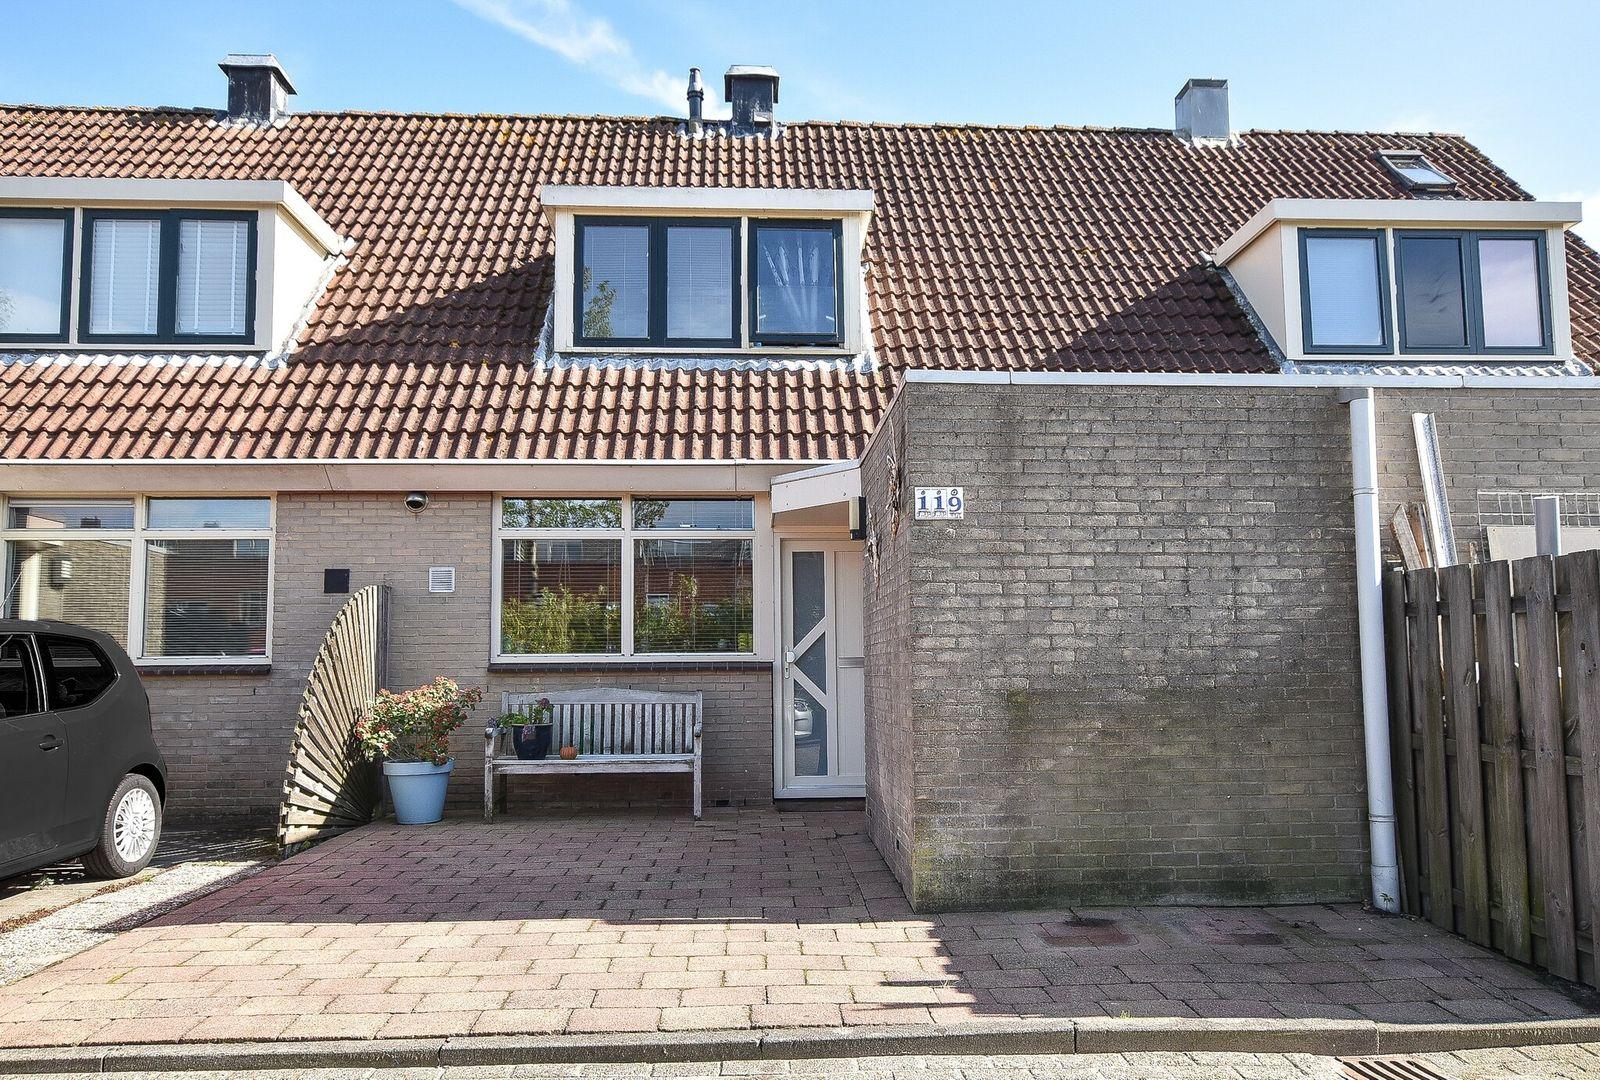 Harderwijkstraat 119, Lelystad